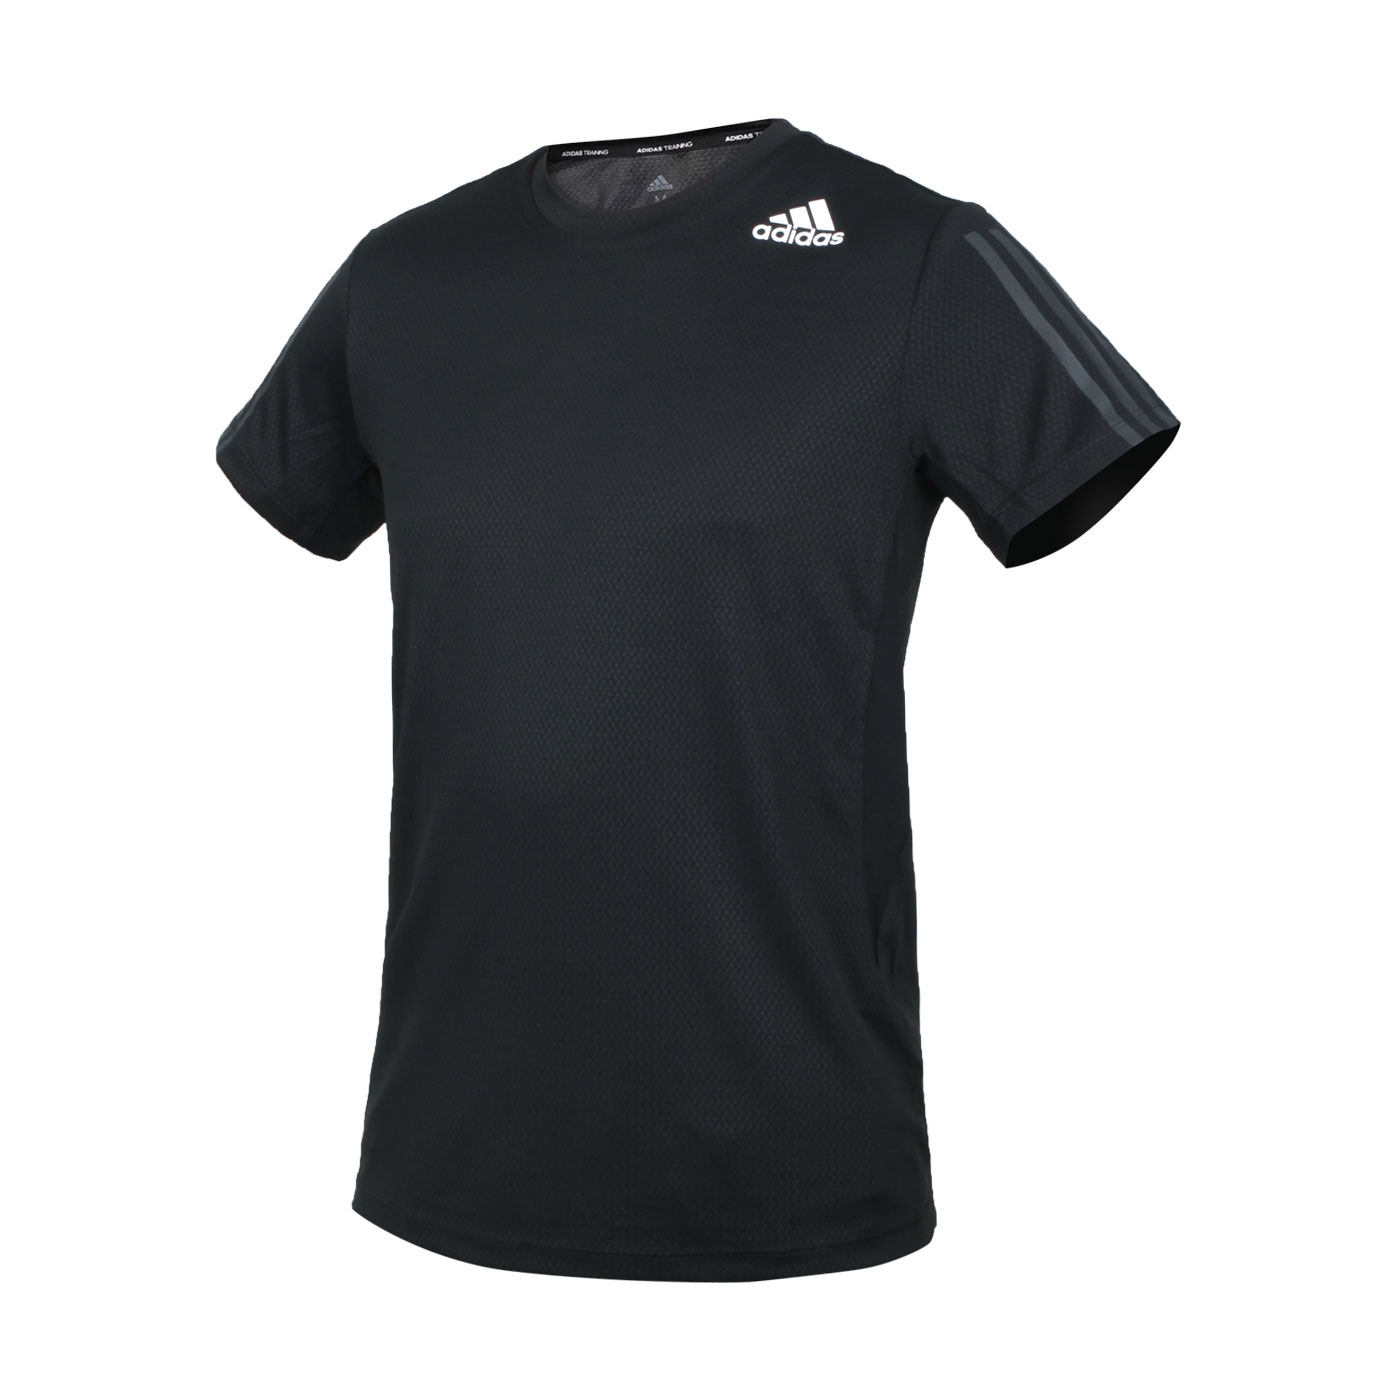 ADIDAS 男款短袖T恤 GP7653 - 黑白